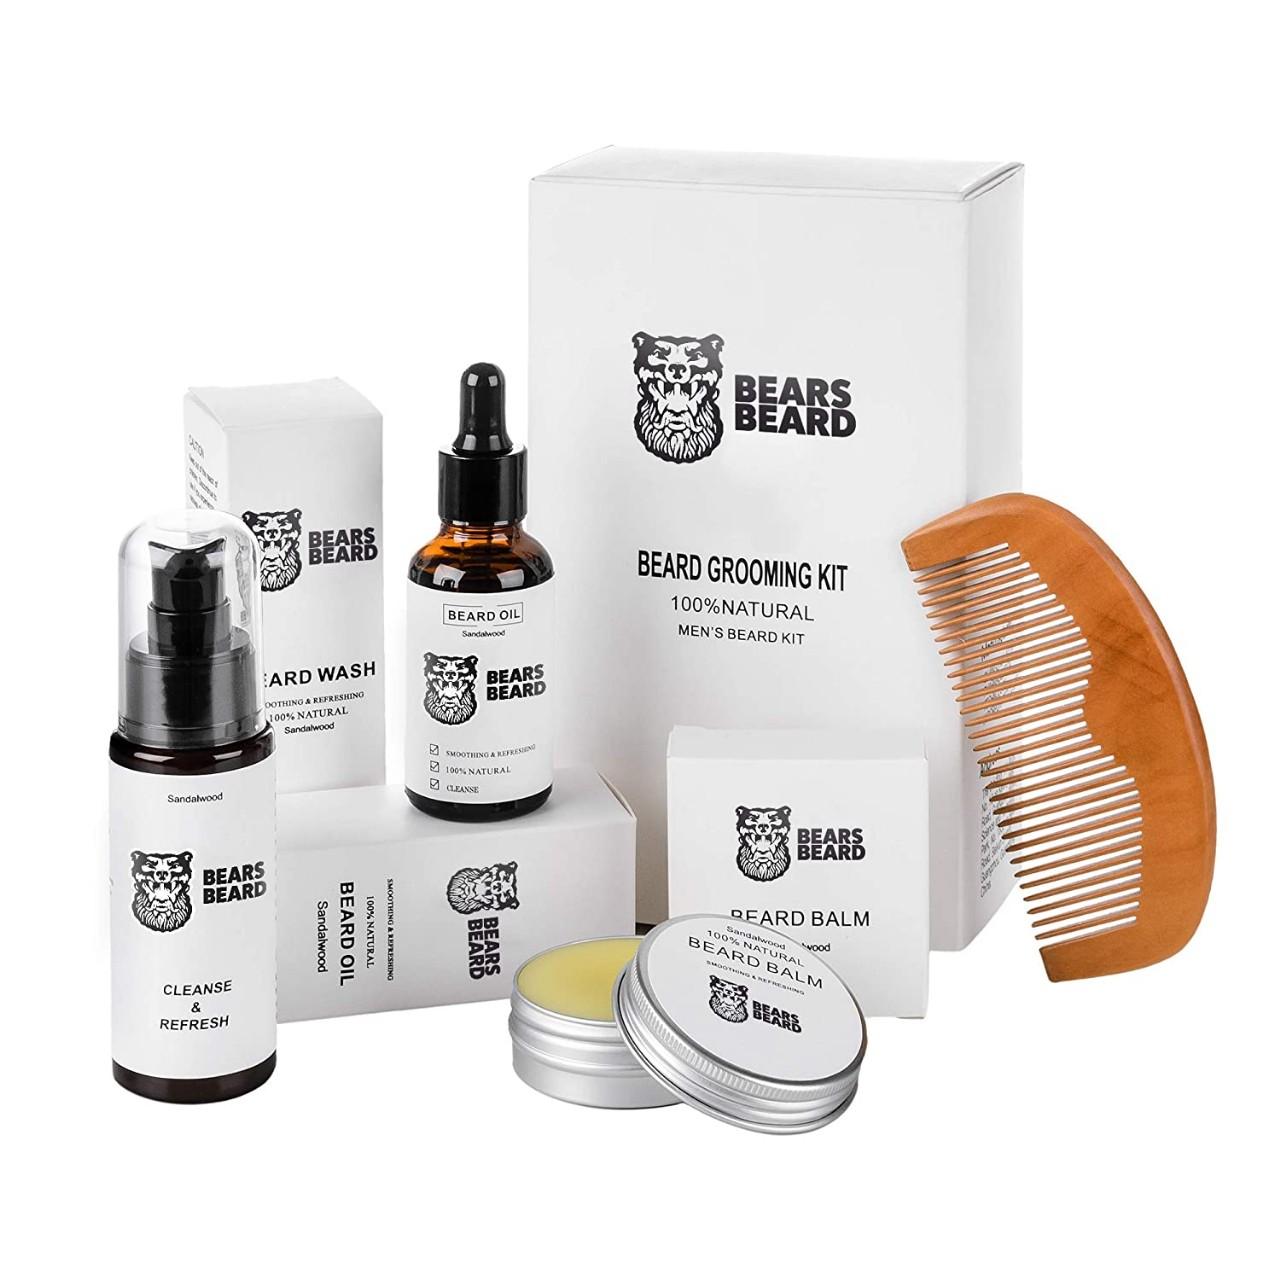 Beard & Mustache Grooming Kit for men - Ultimate Care Kit for Grow Beard - 100% Natural Comb, Oil